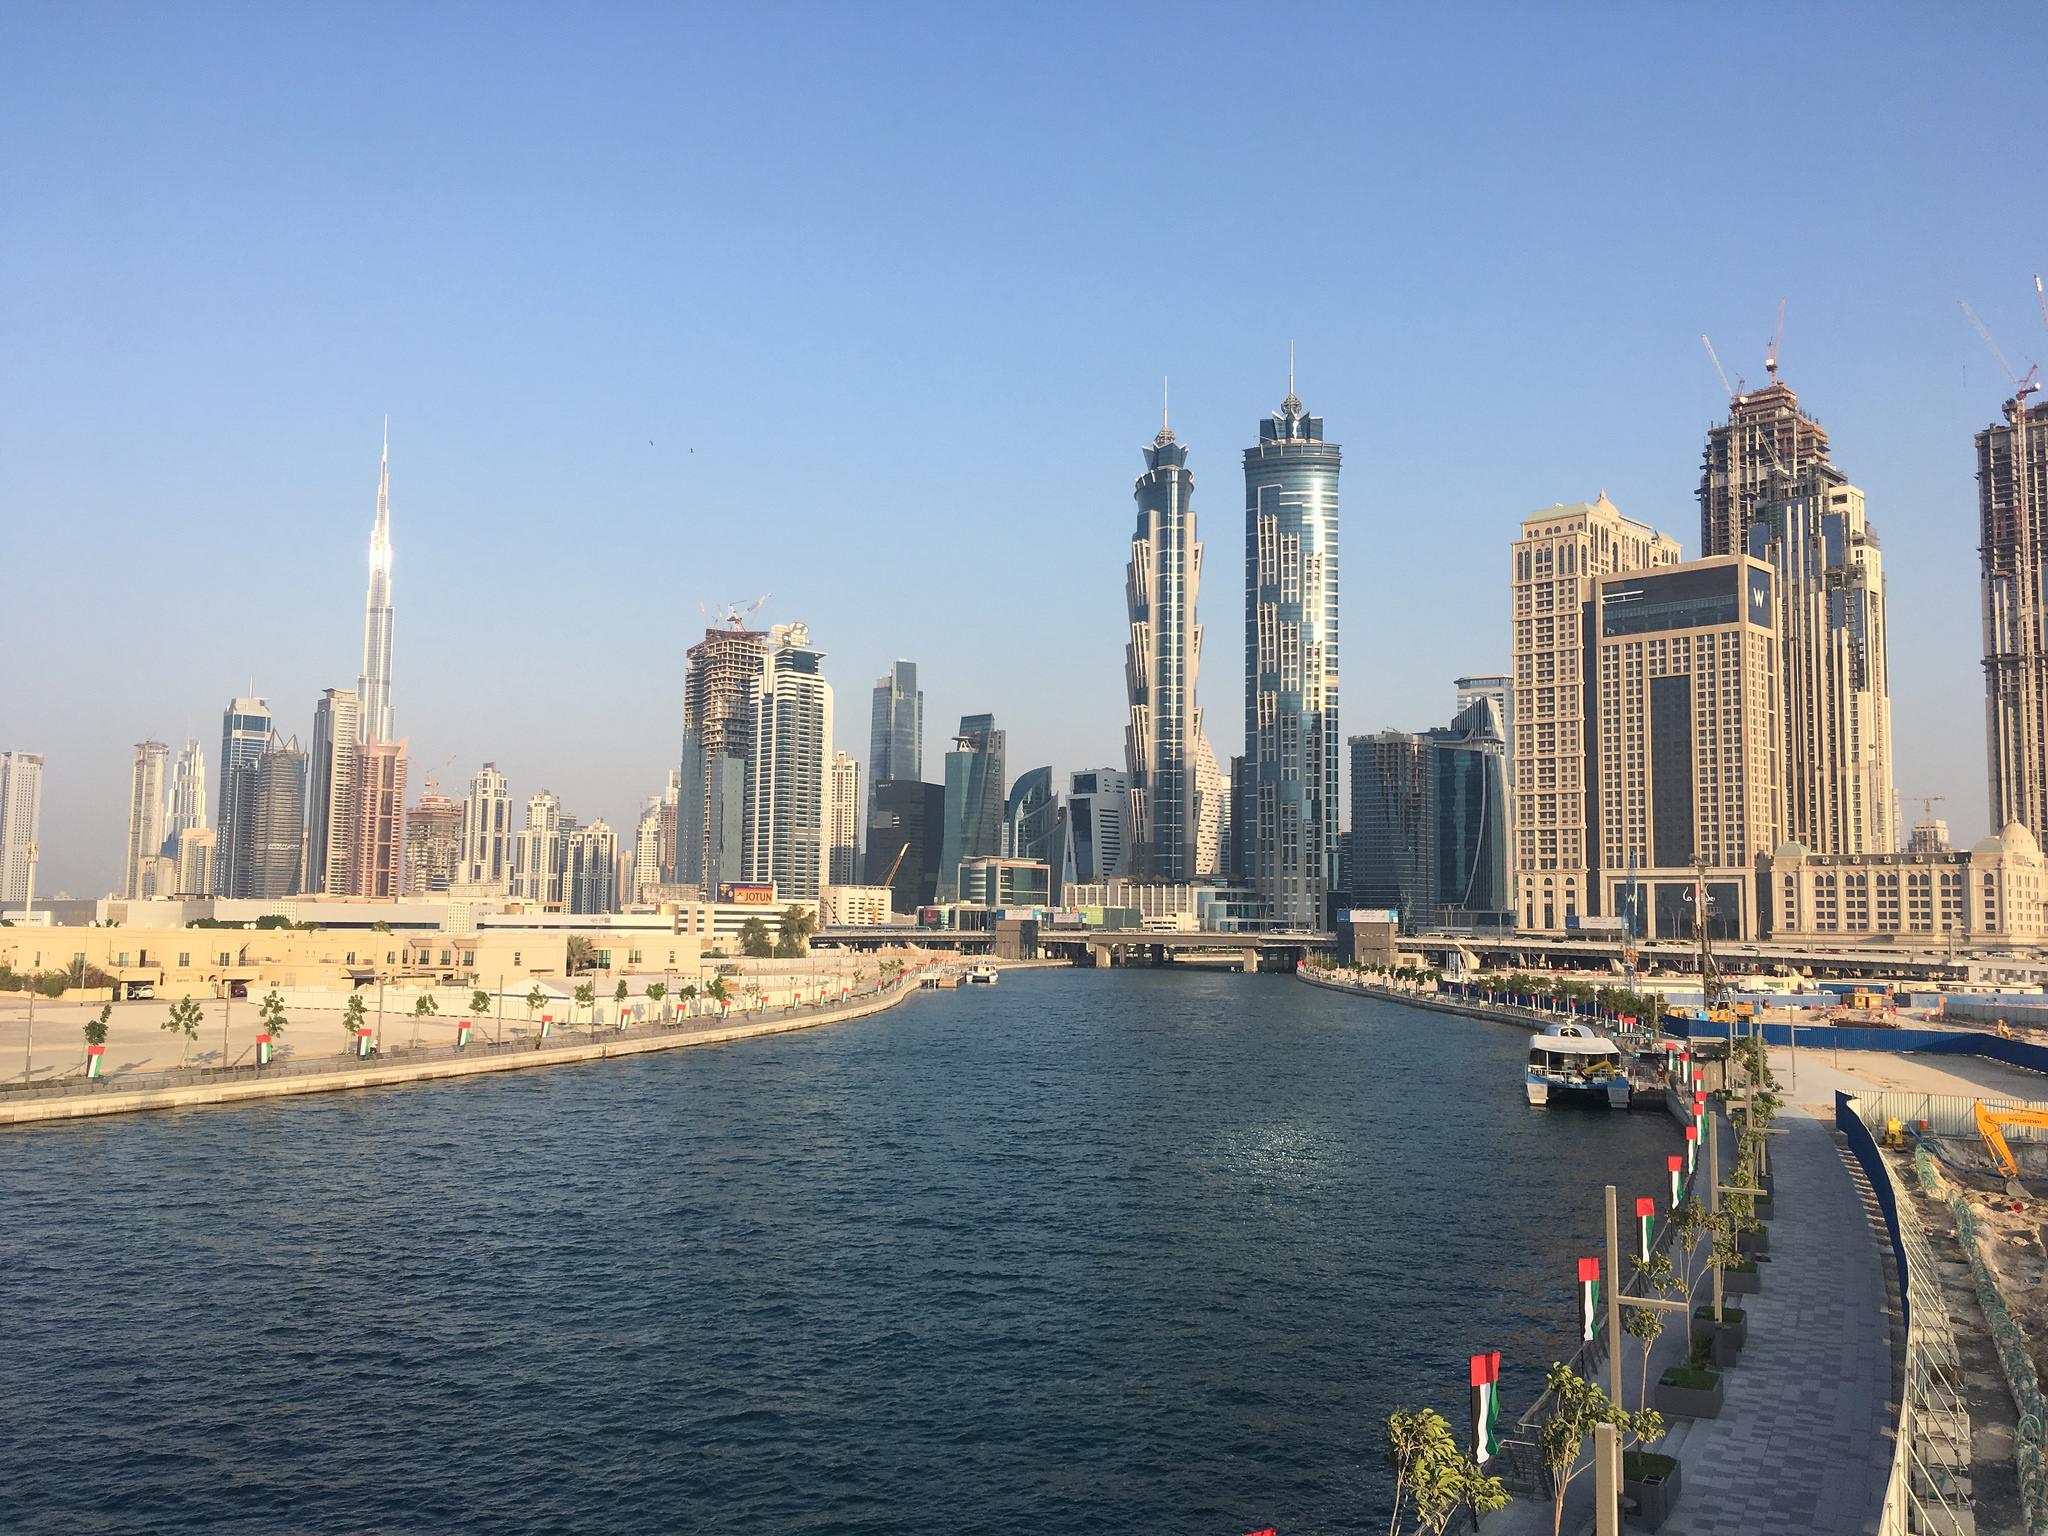 - 6. Dubai